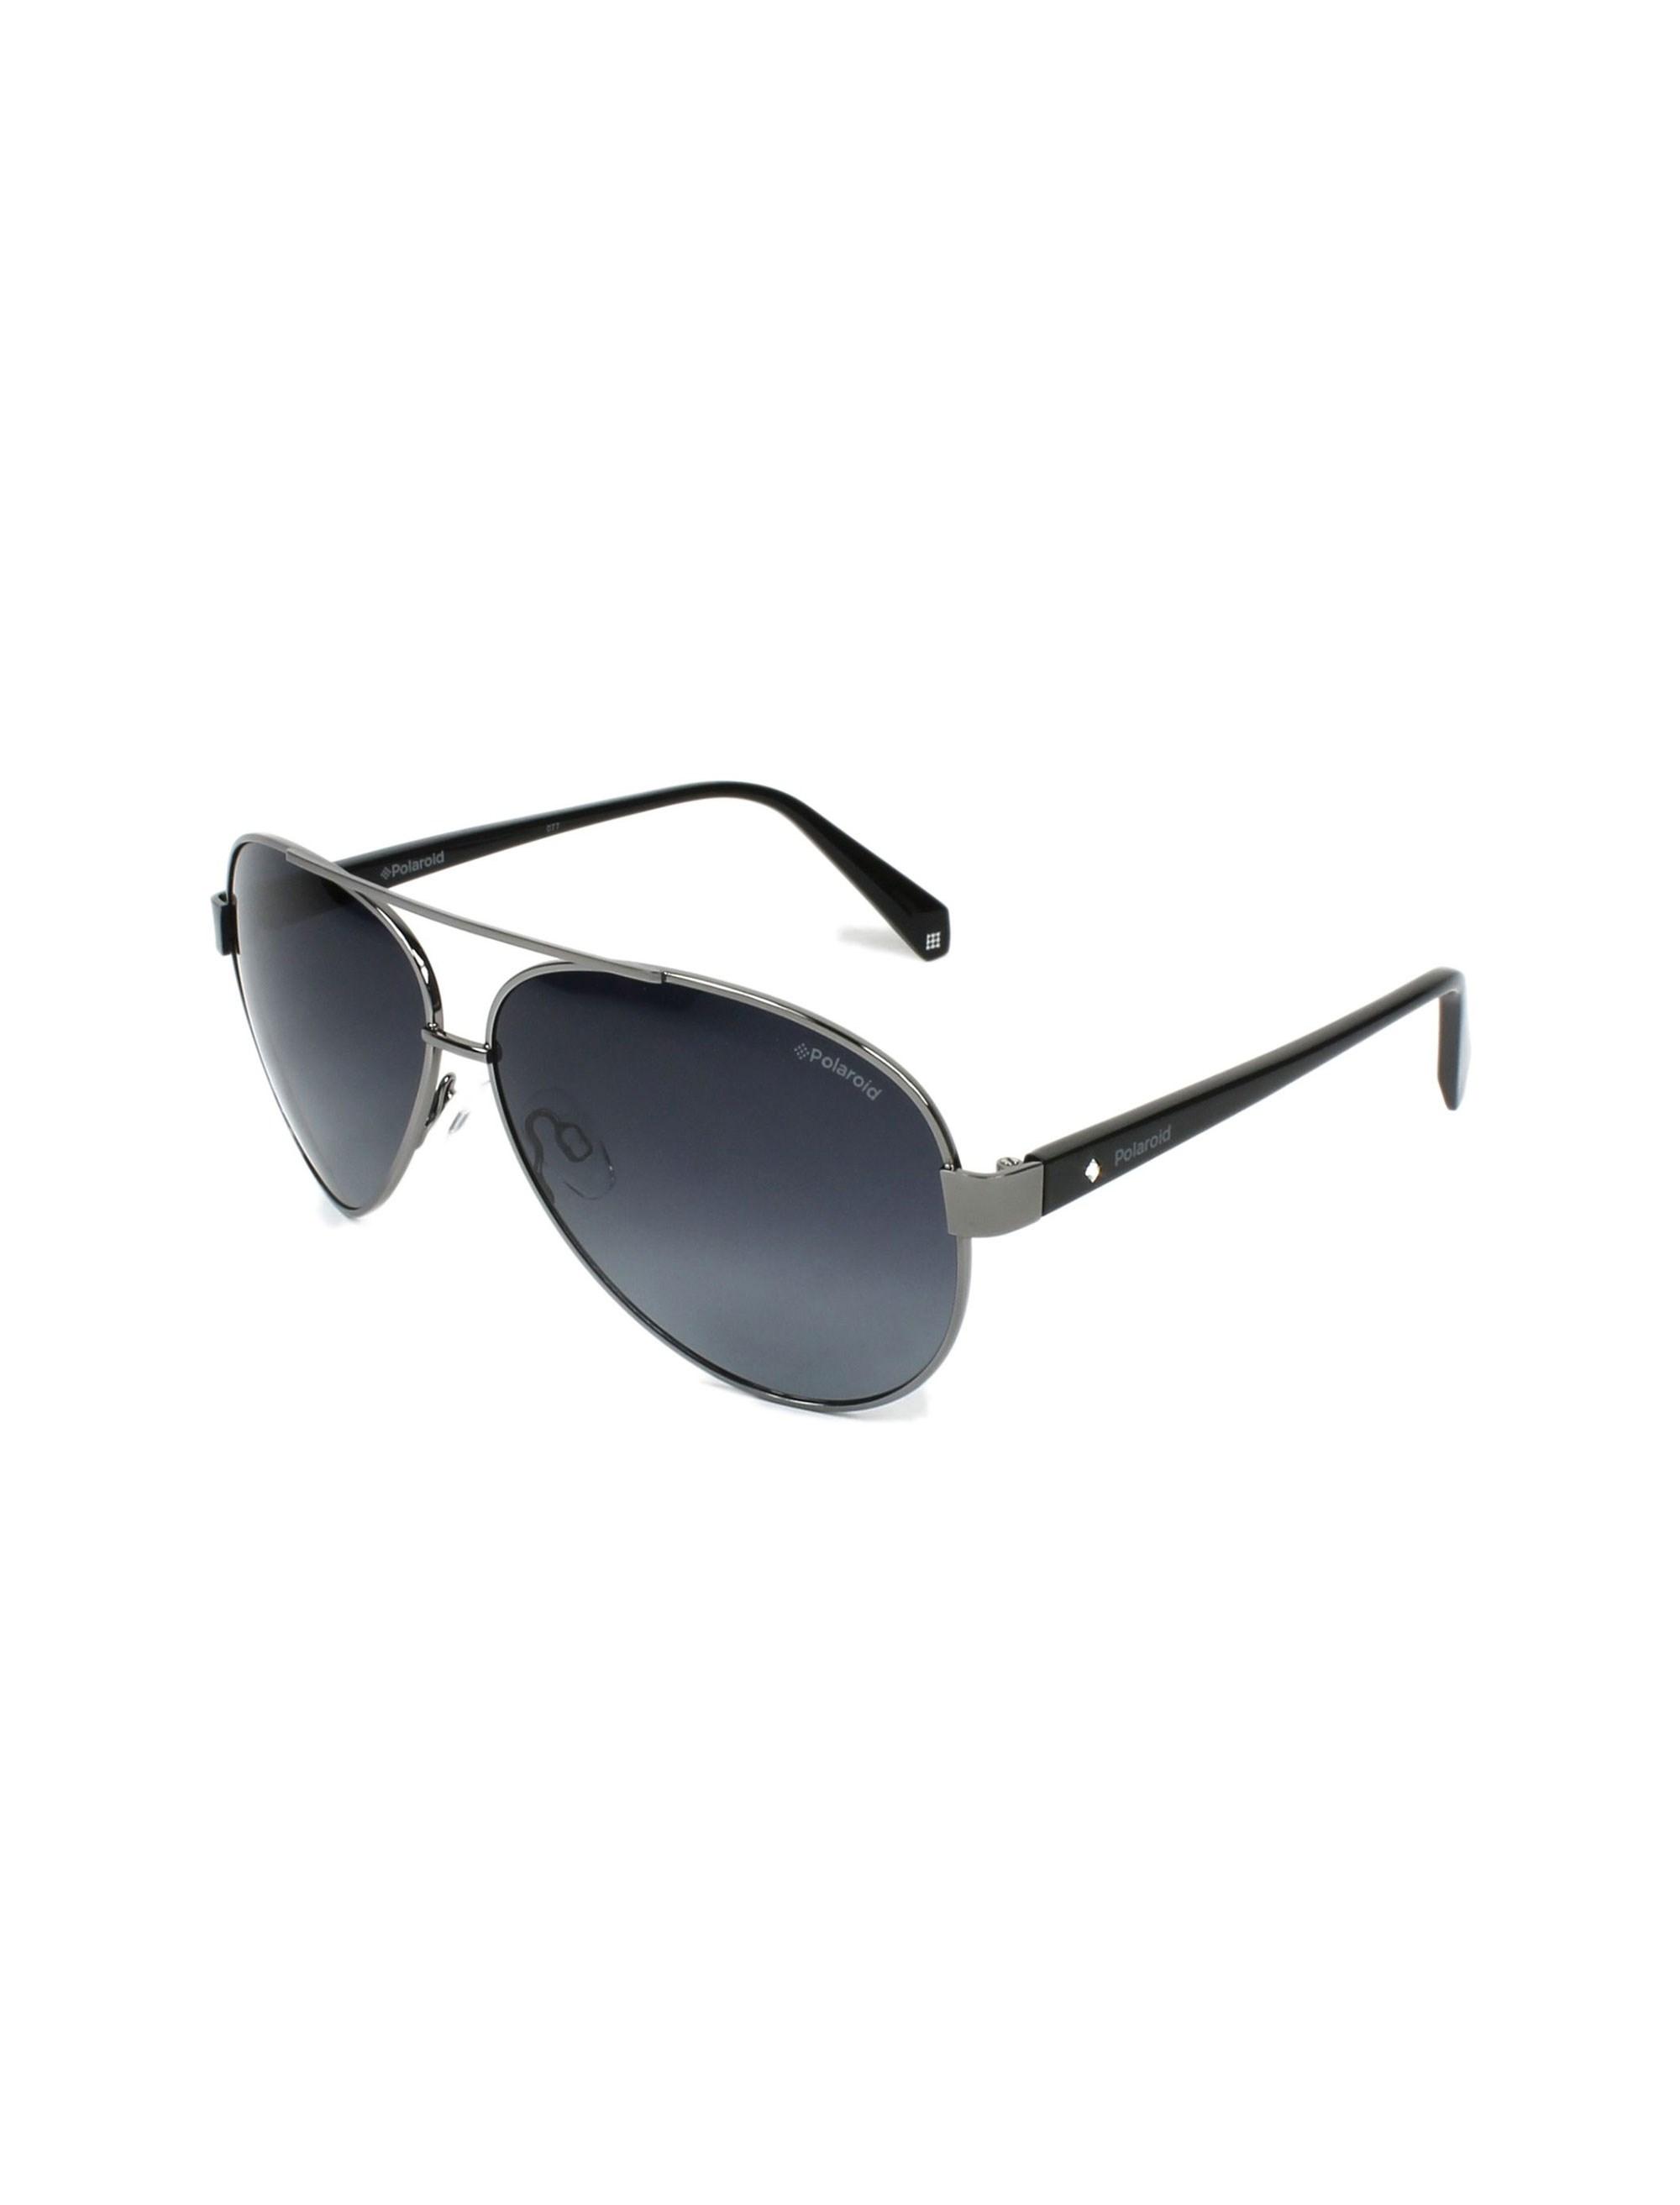 عینک آفتابی خلبانی زنانه - پولاروید